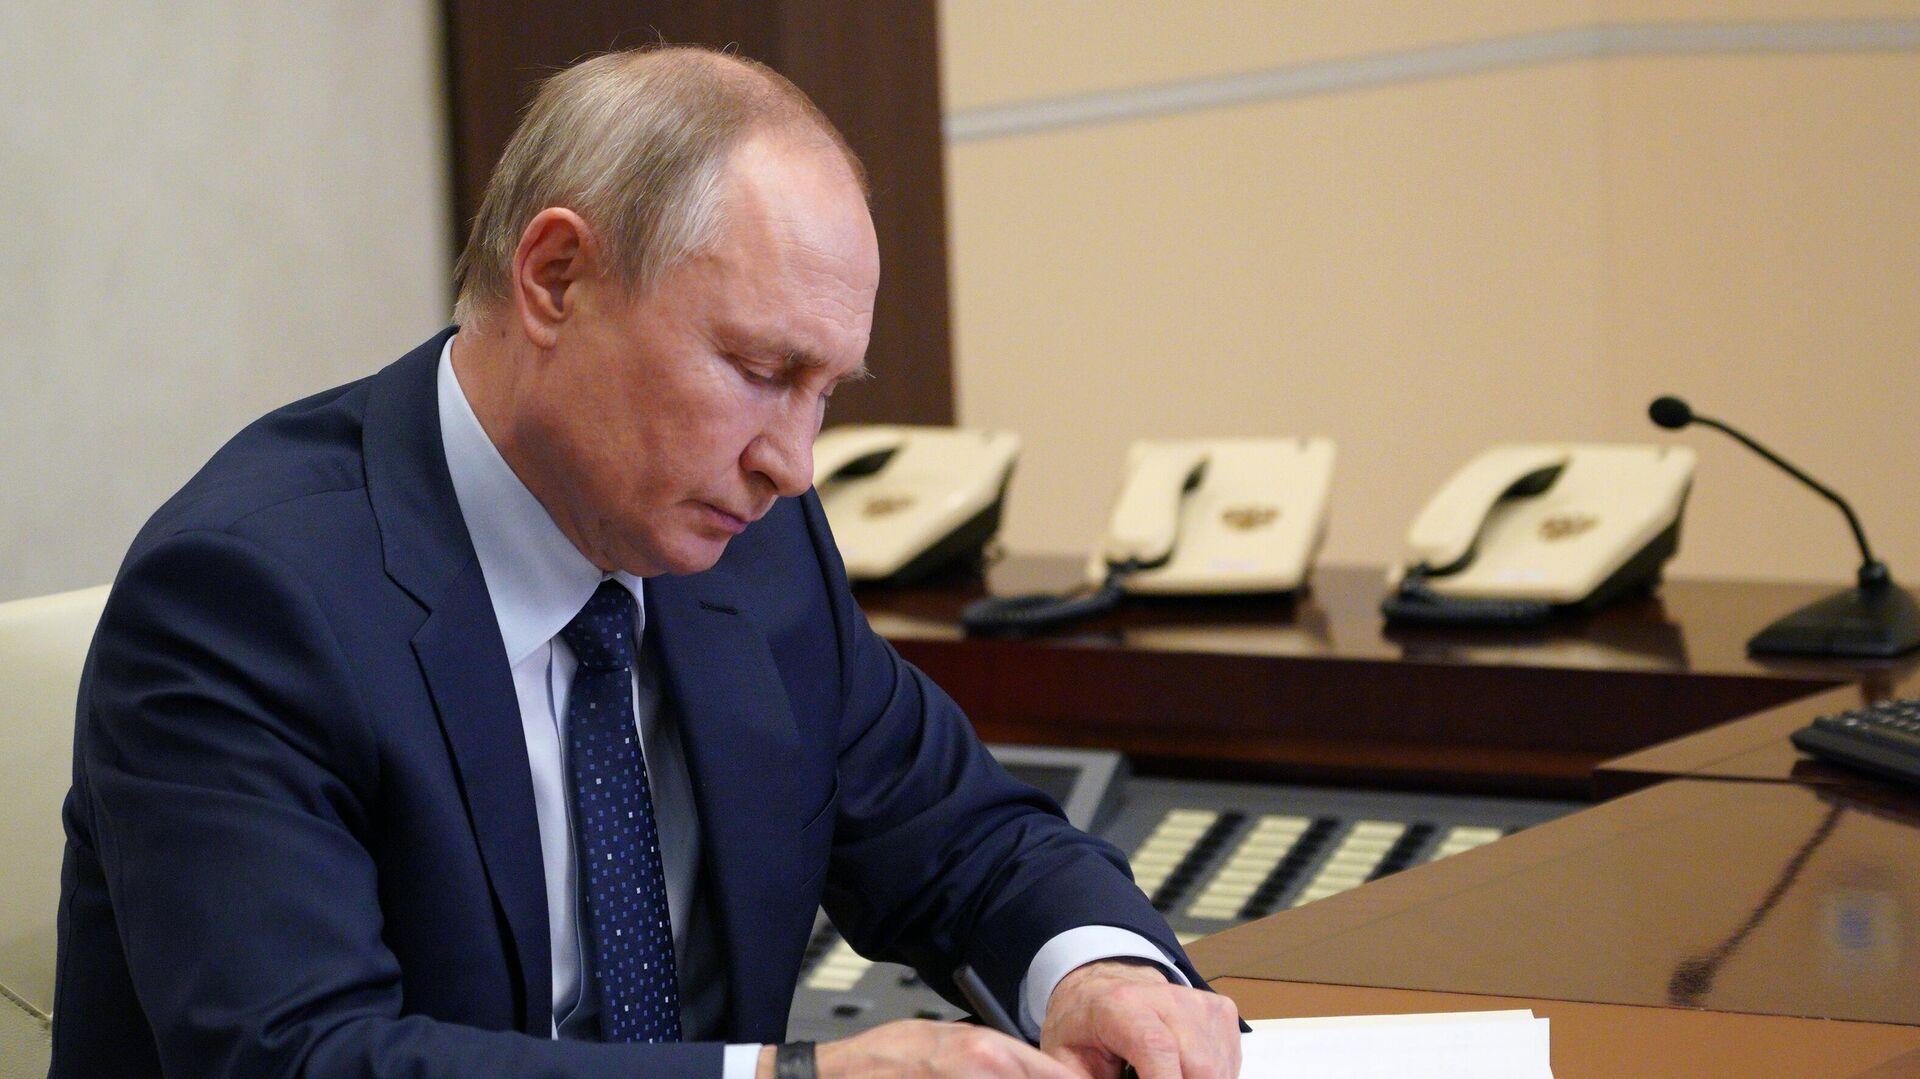 El presidente de Rusia, Vladímir Putin - Sputnik Mundo, 1920, 07.06.2021